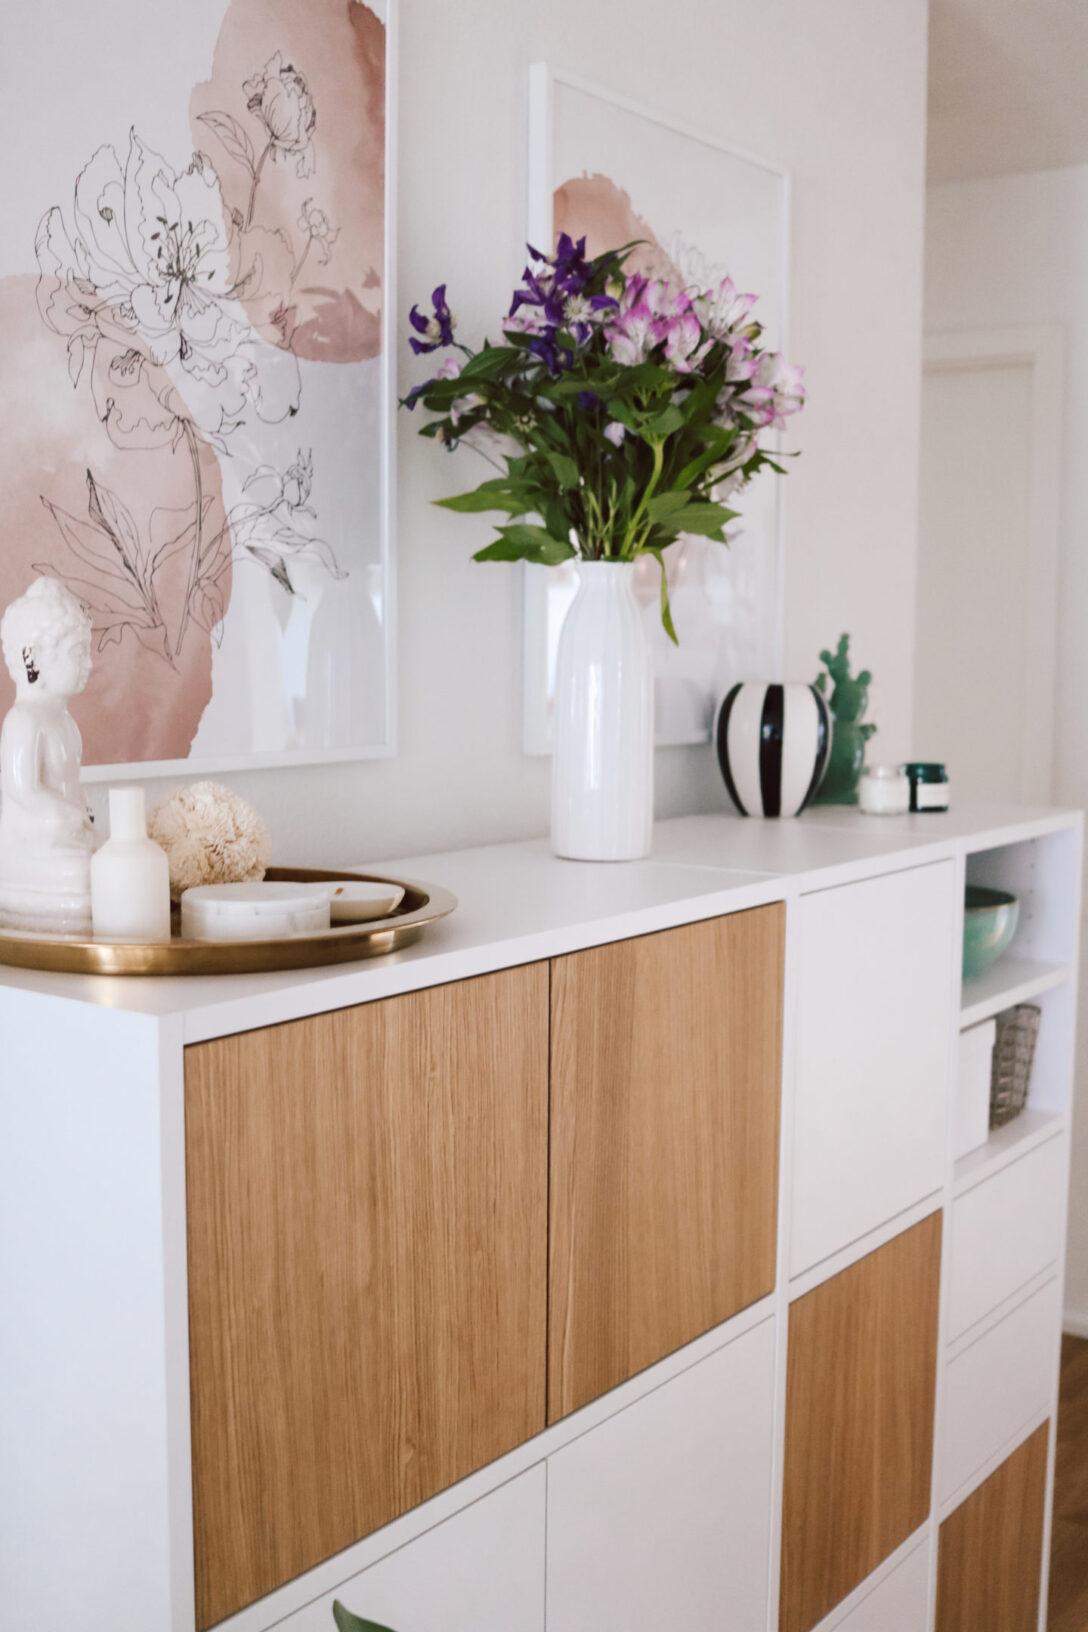 Large Size of Deko Sideboard Schlafzimmer Wohnzimmer Dekoration Badezimmer Küche Mit Arbeitsplatte Wanddeko Für Wohnzimmer Deko Sideboard